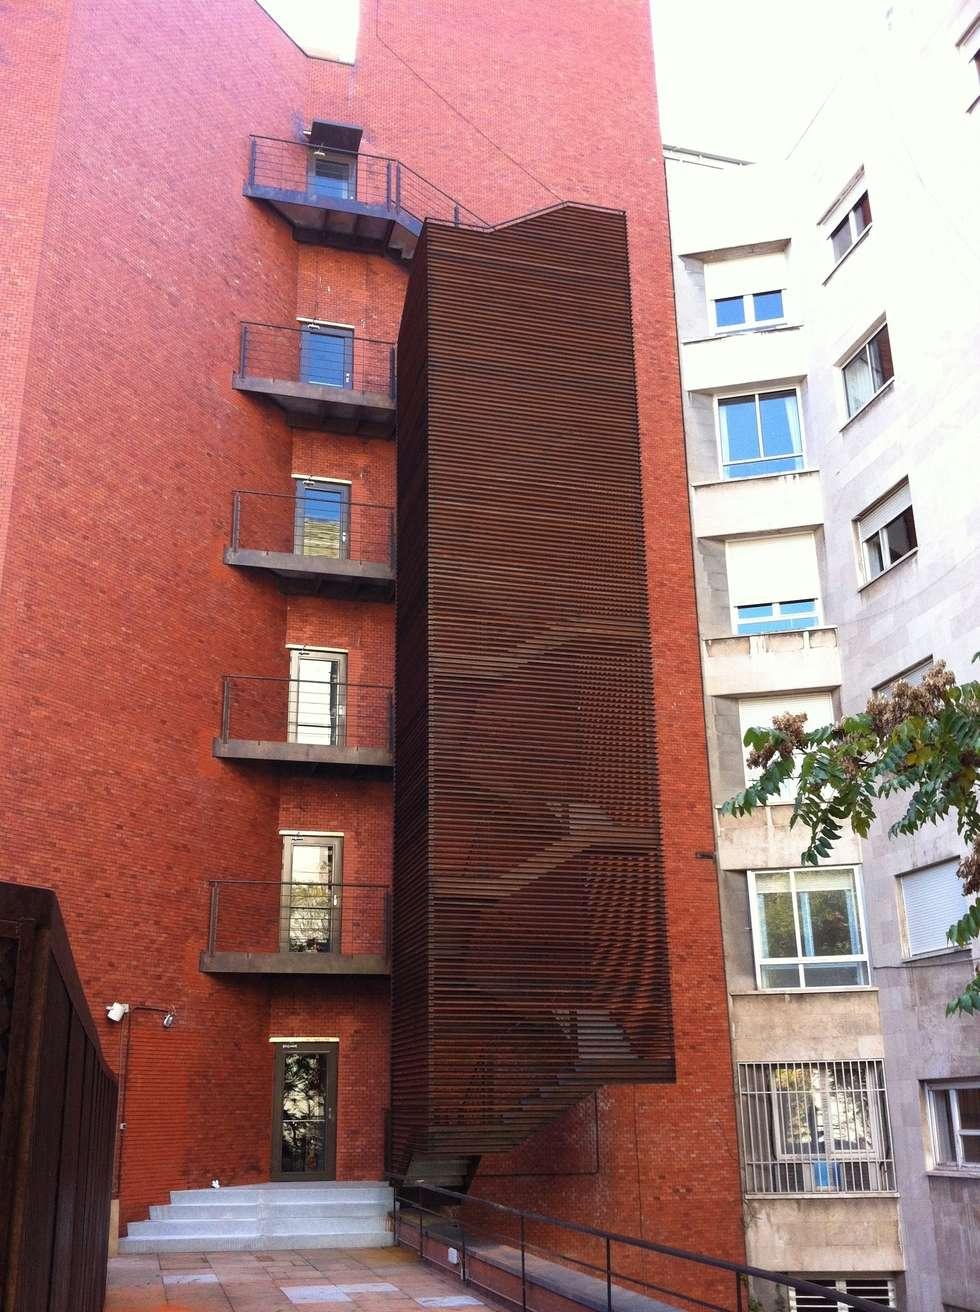 Fotos de decoraci n y dise o de interiores homify for Oficinas de bankinter en madrid